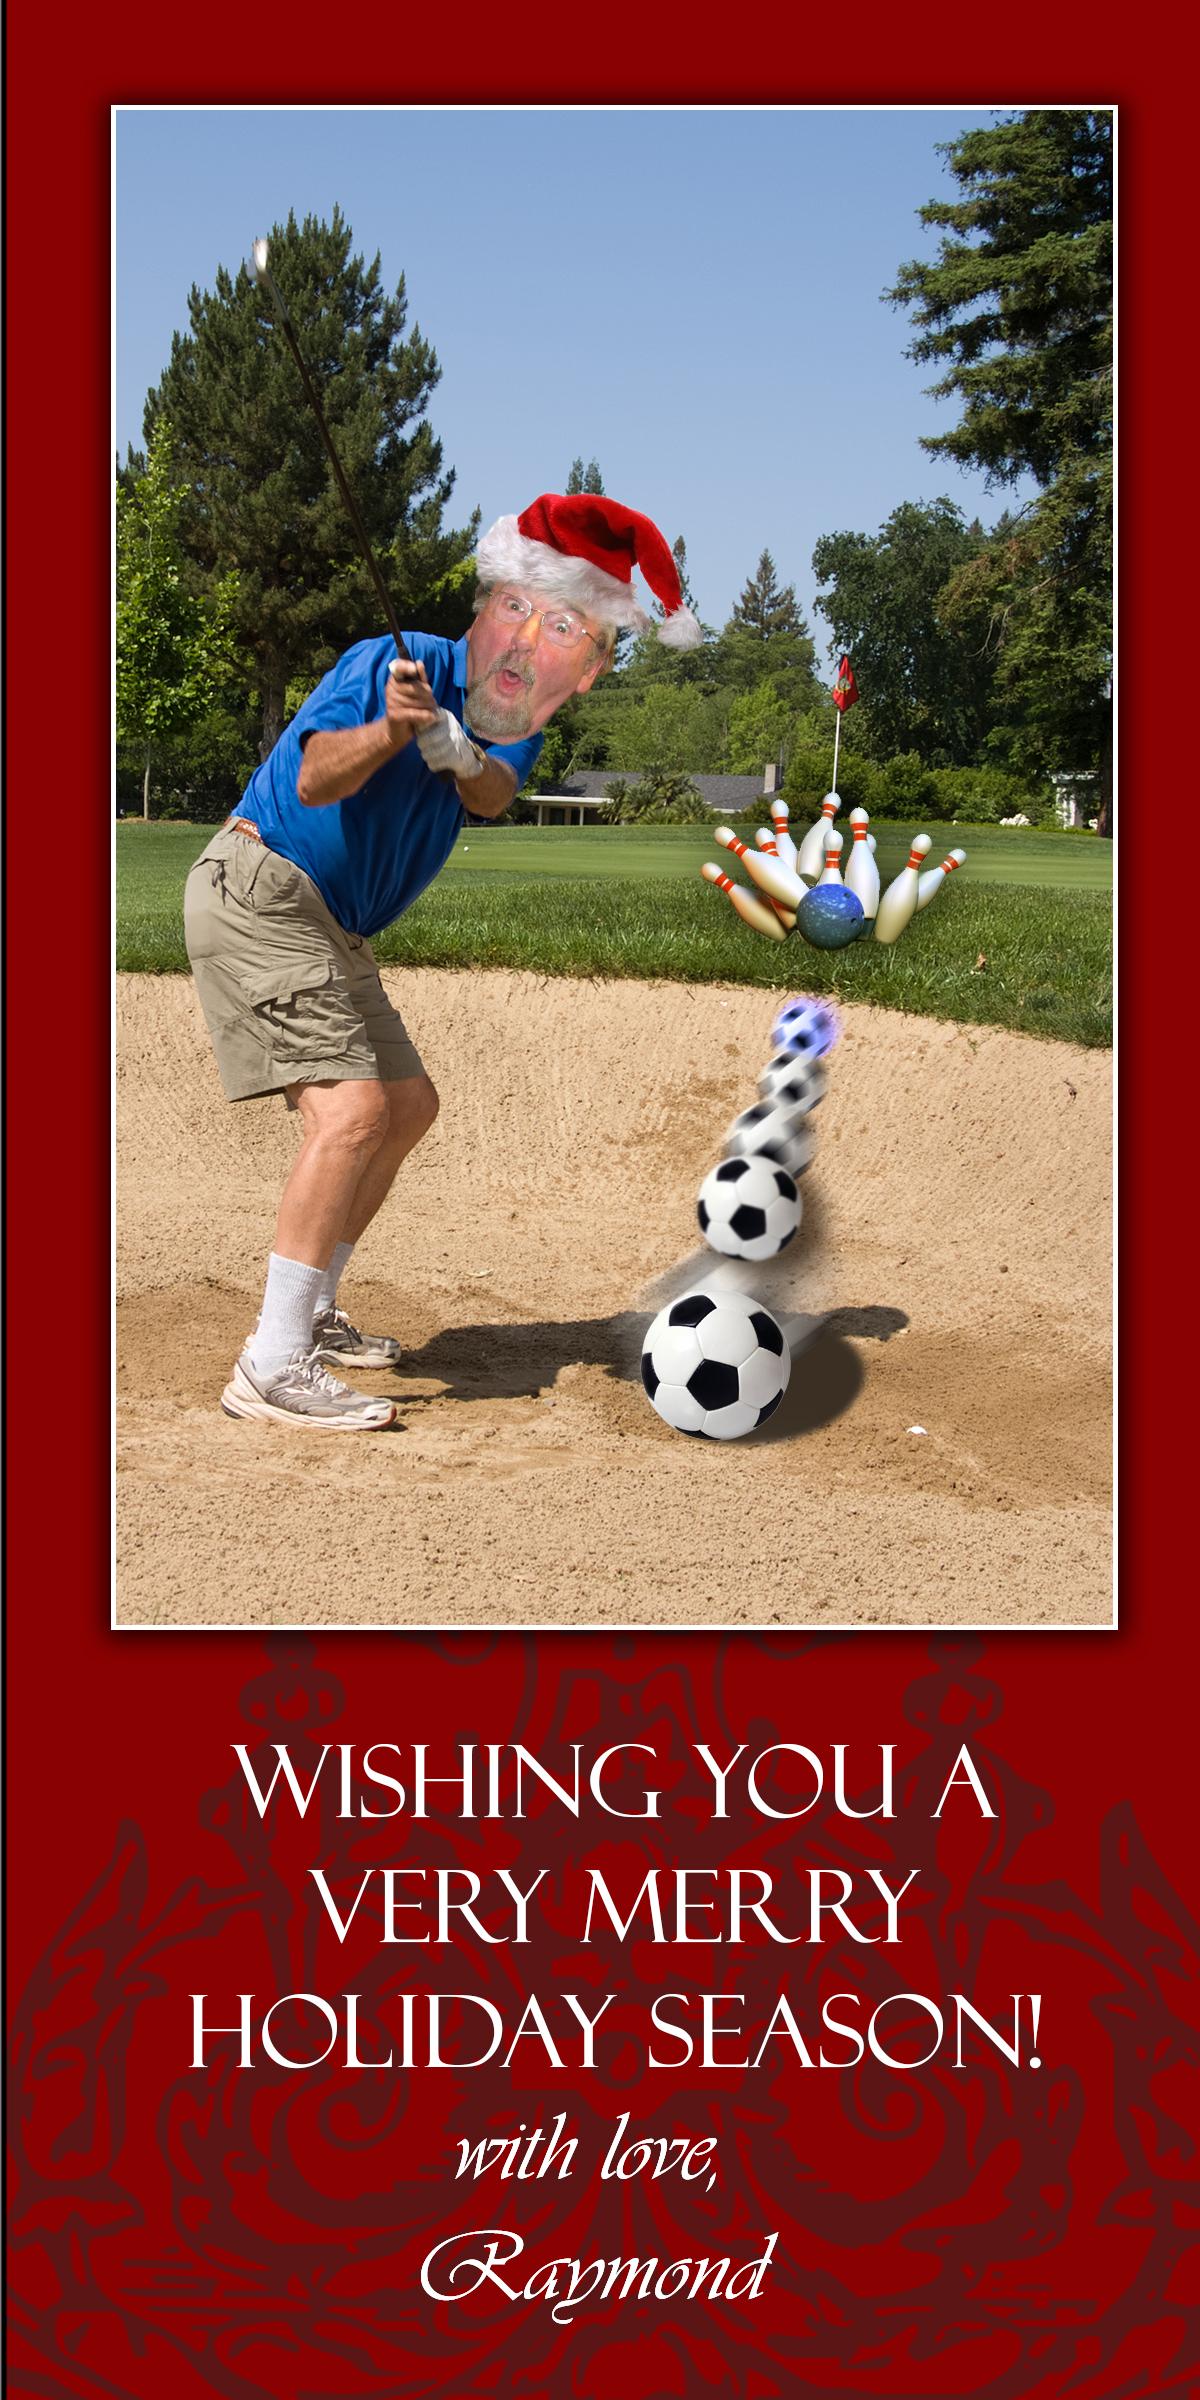 fun card with man golfing